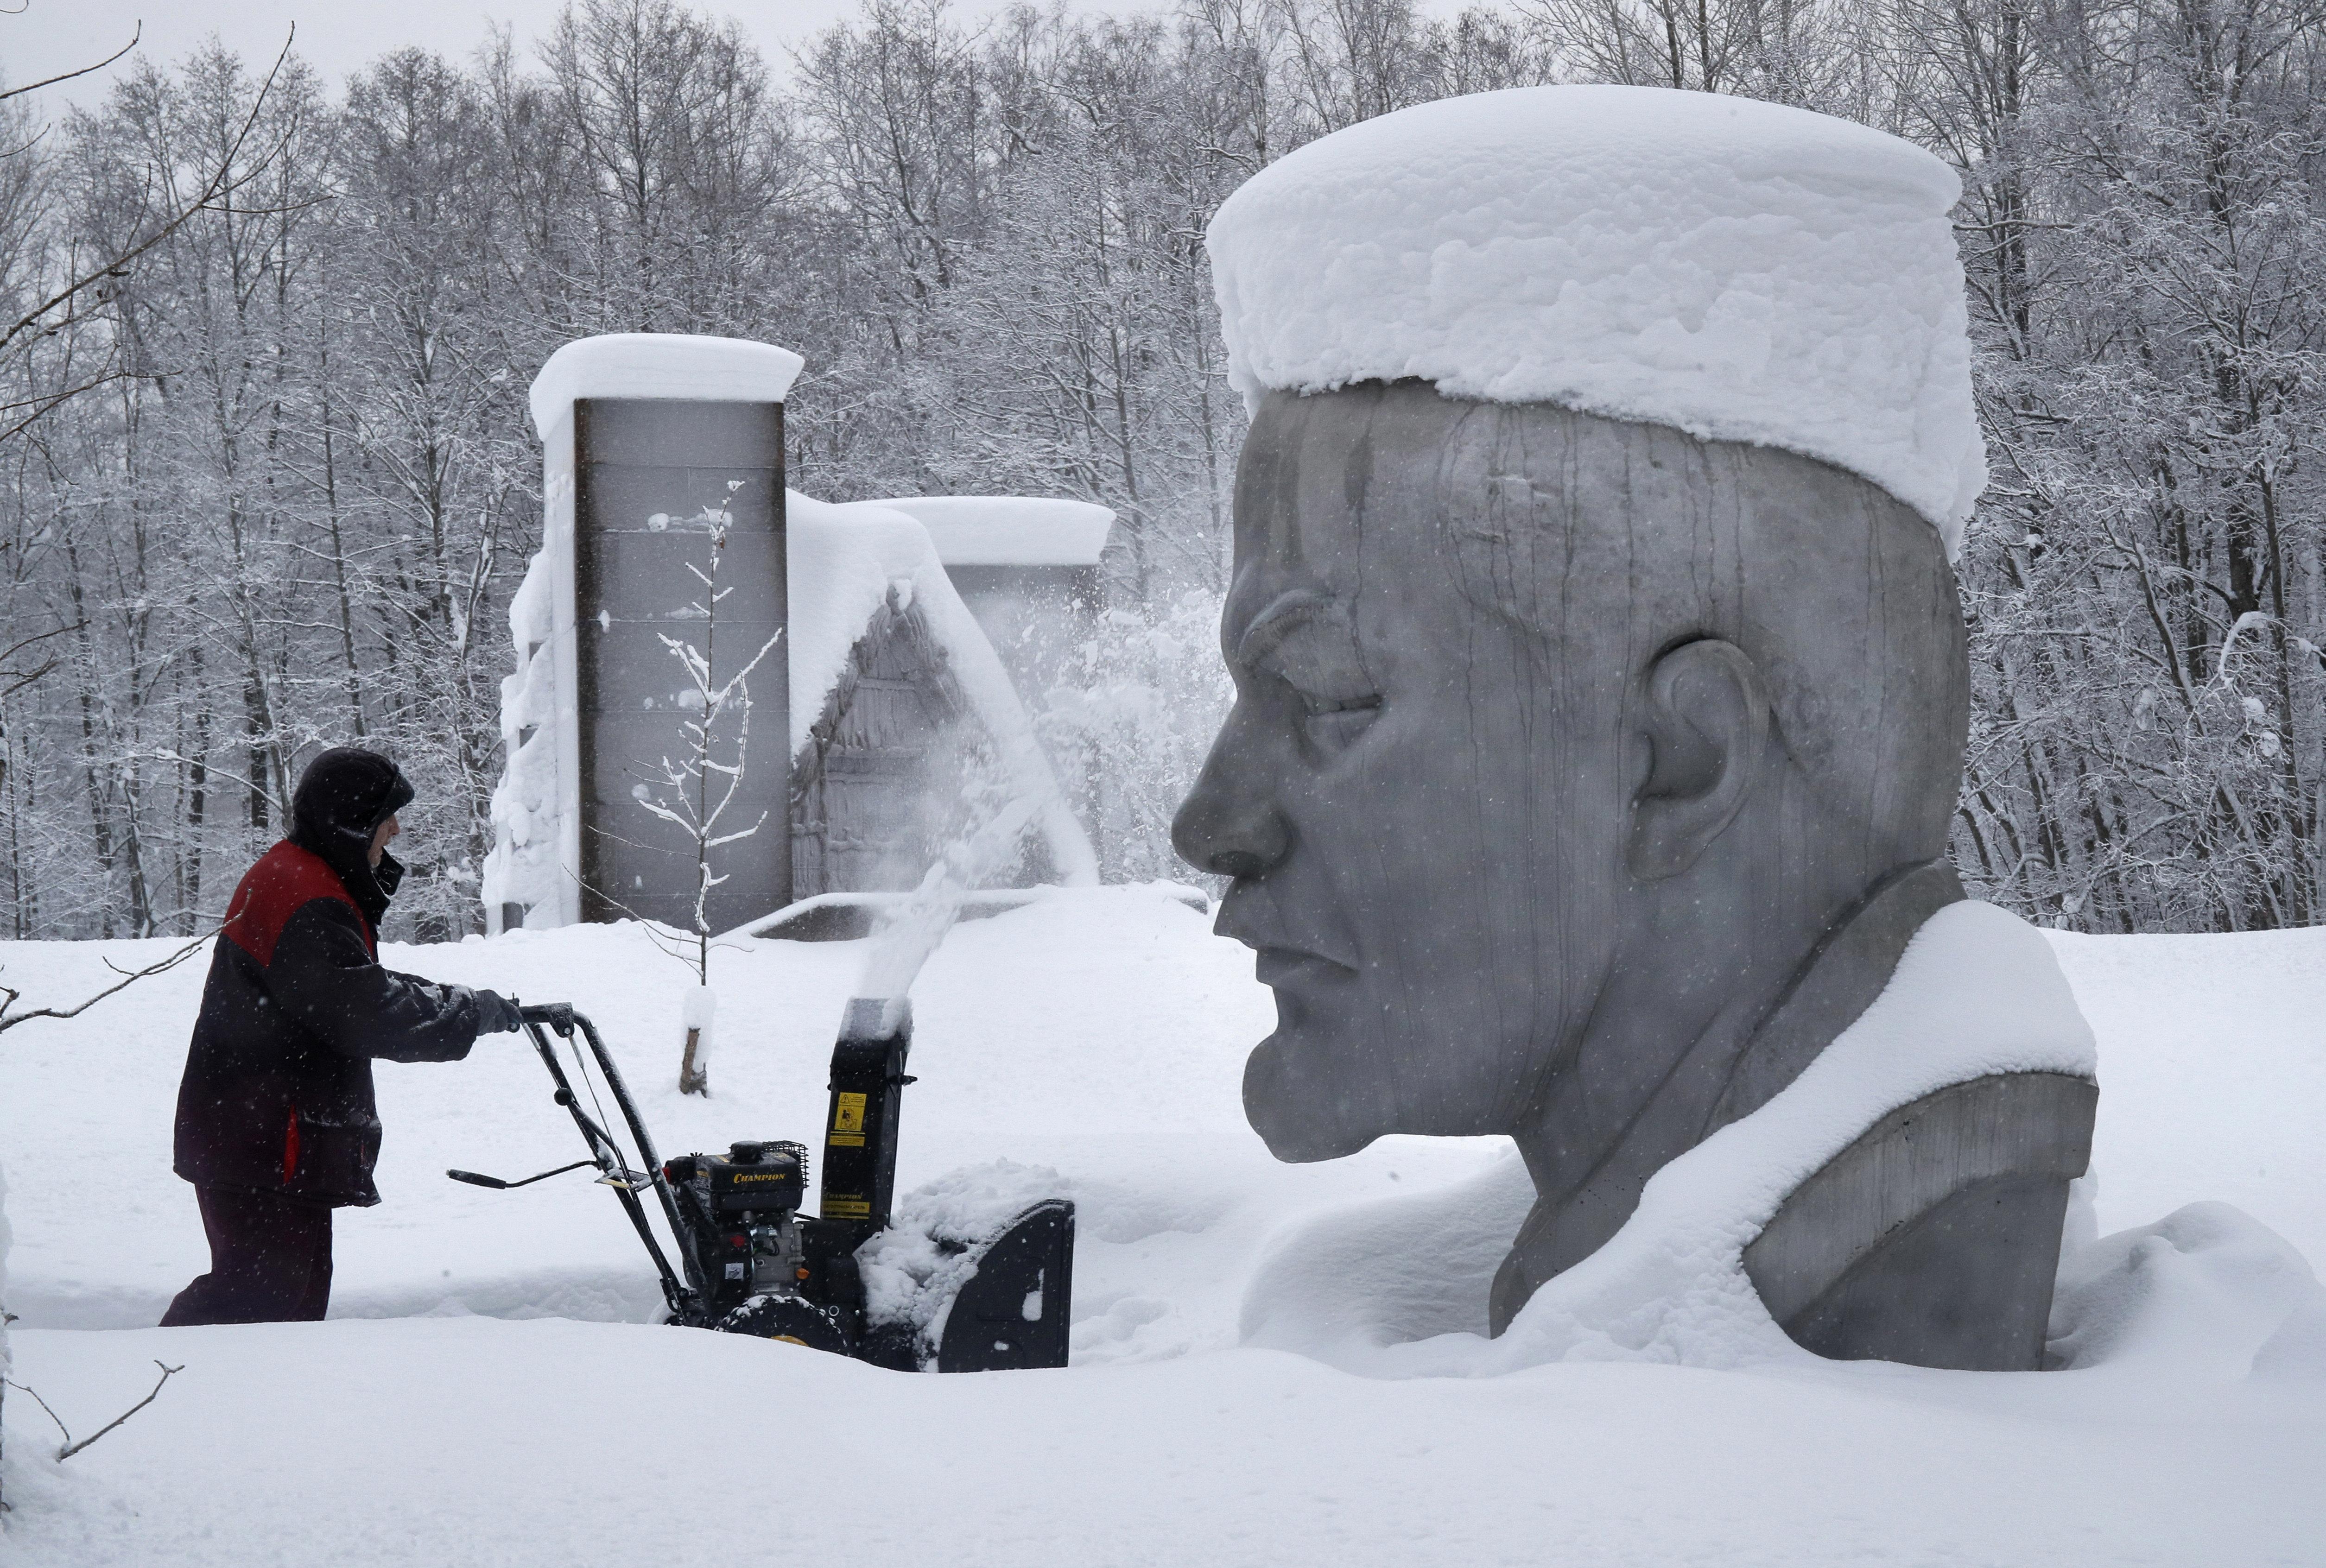 Λύγισε ακόμη και η Αγ. Πετρούπολη από τα χιόνια - Χάος, εκνευρισμός από την άνευ προηγουμένου